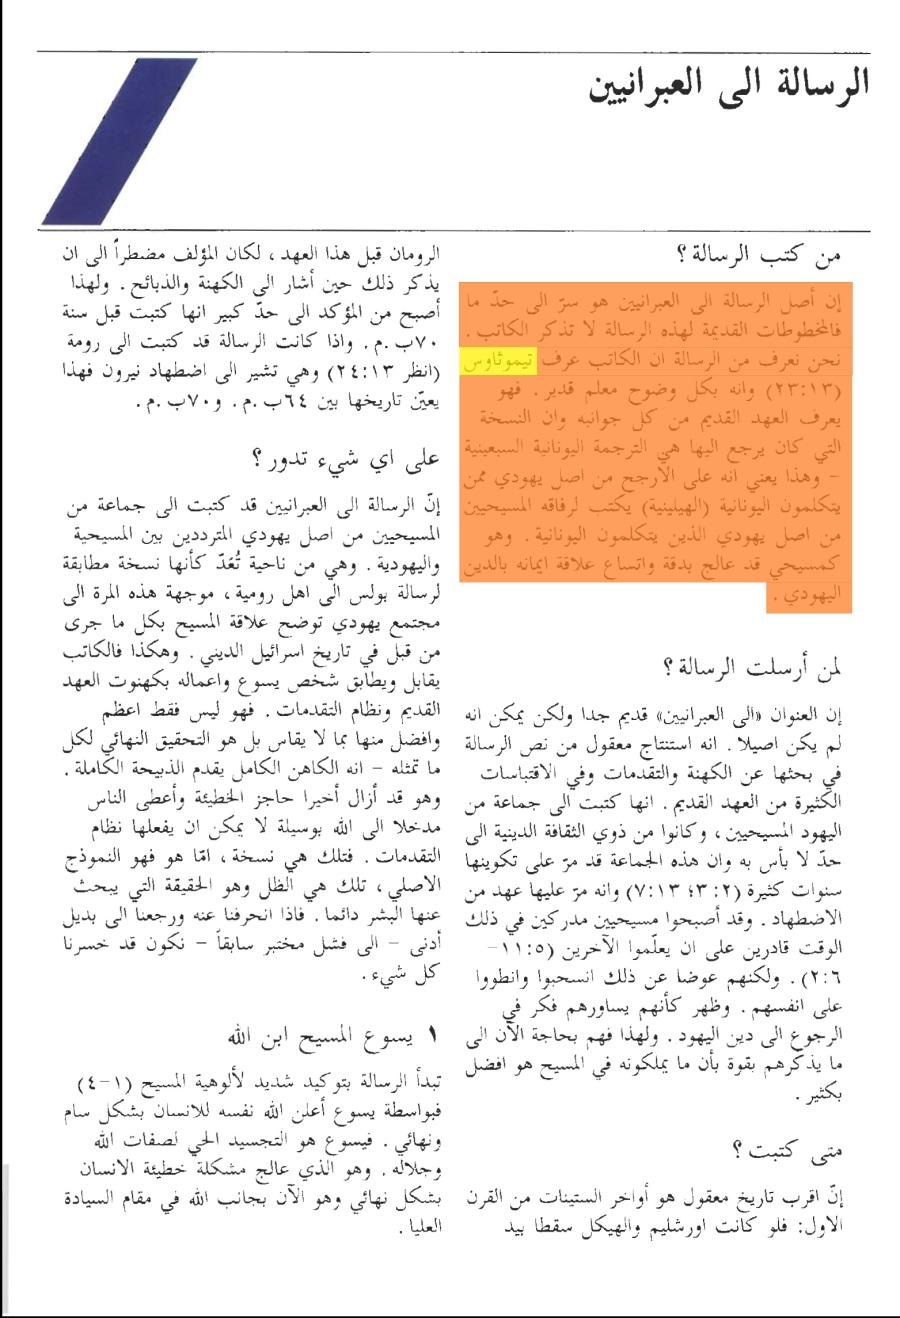 المرشد إلي الكتاب المقدس - جمعية الكتاب المقدس - مجلس كنائس الشرق الأوسط صفحة 626